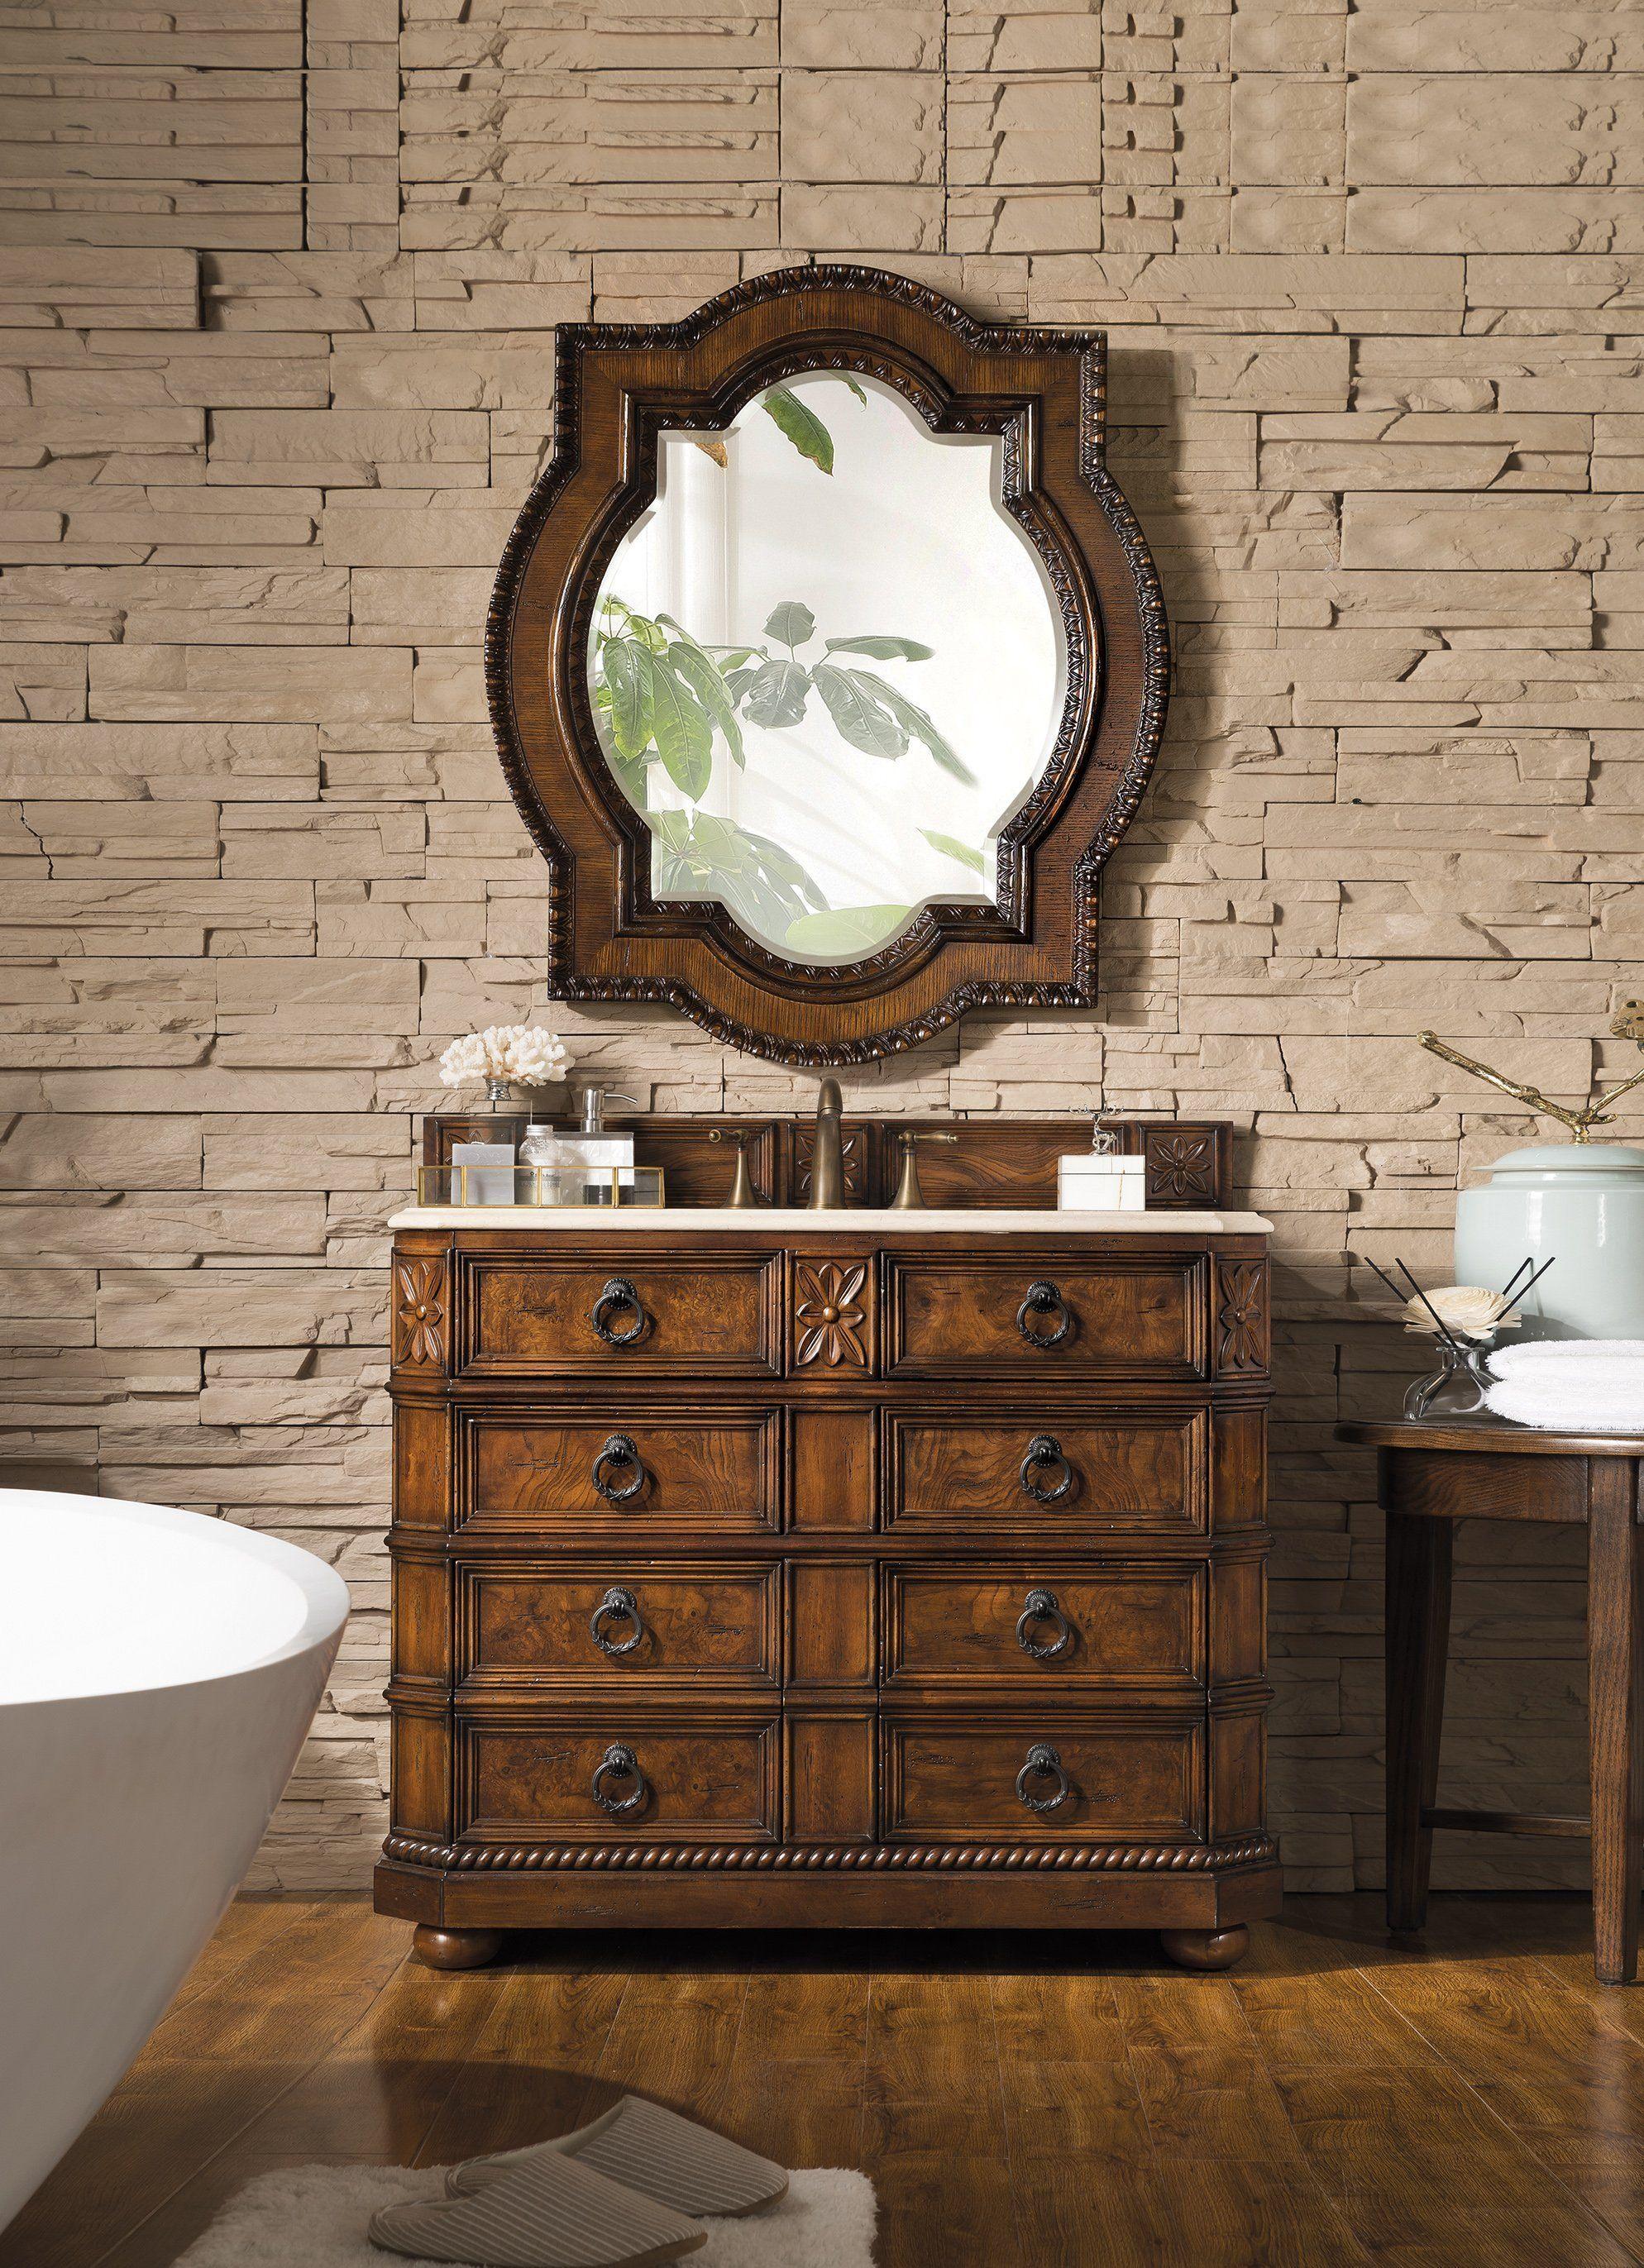 Regent 41 Single Sink Bathroom Vanity In 2021 Single Sink Bathroom Vanity Beige Marble Decorating Bathroom